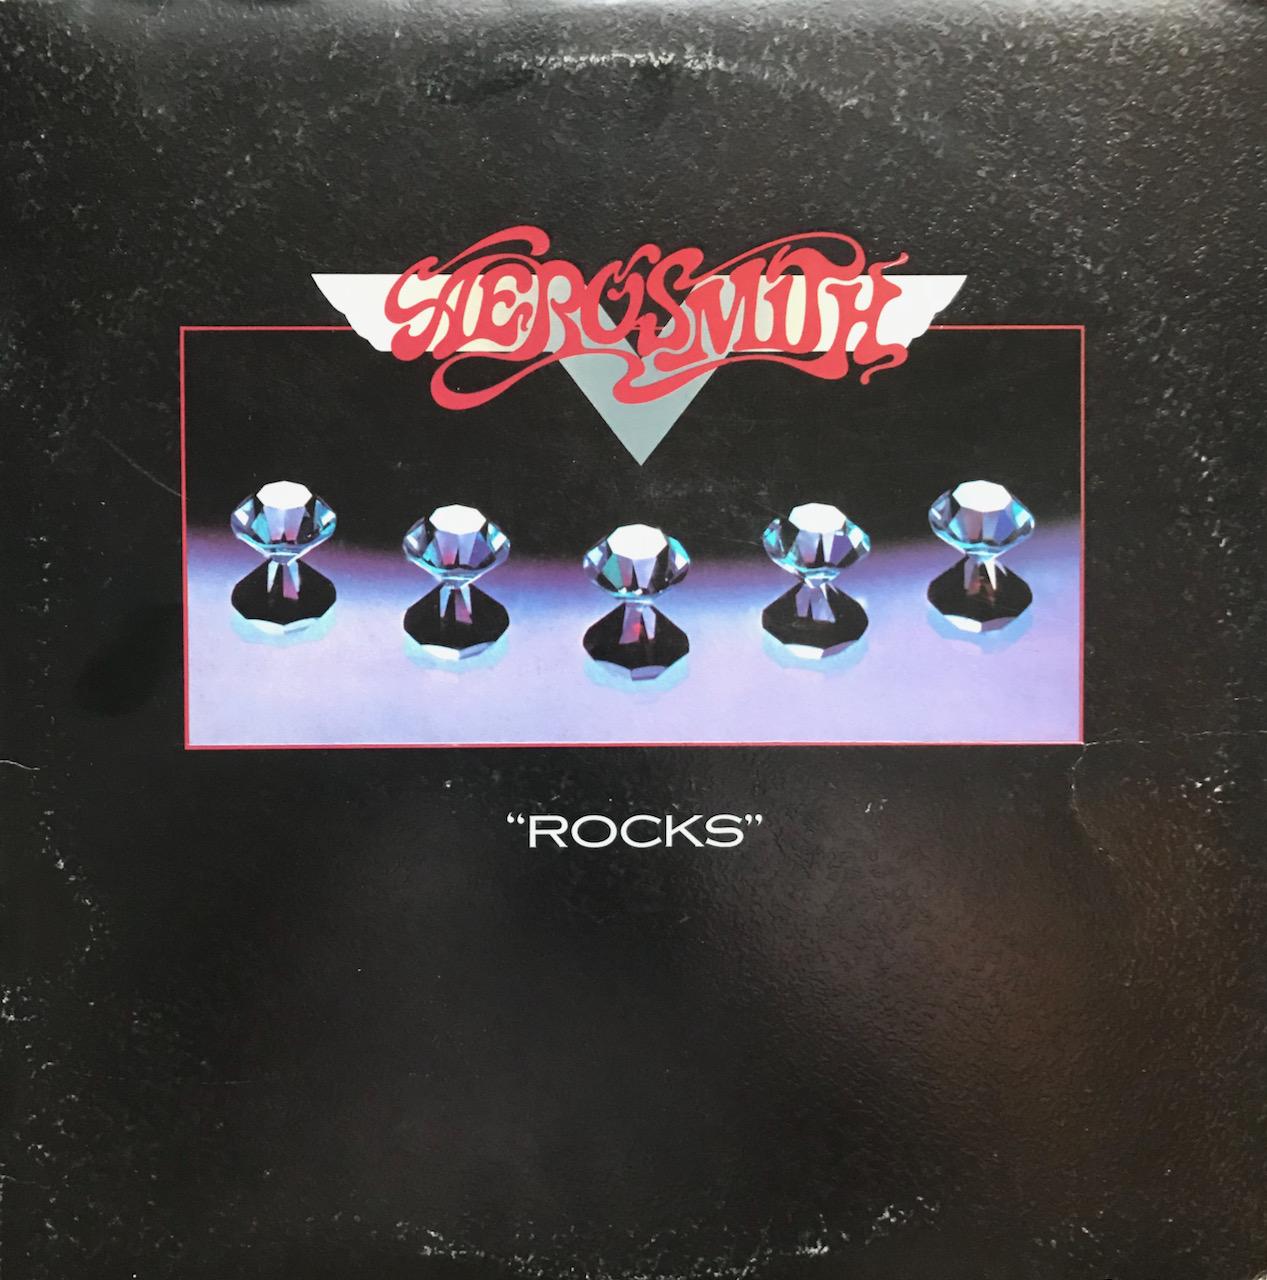 Aerosmith – 'Rocks' (1976) – Album Review (The Aerosmith Collection Series)